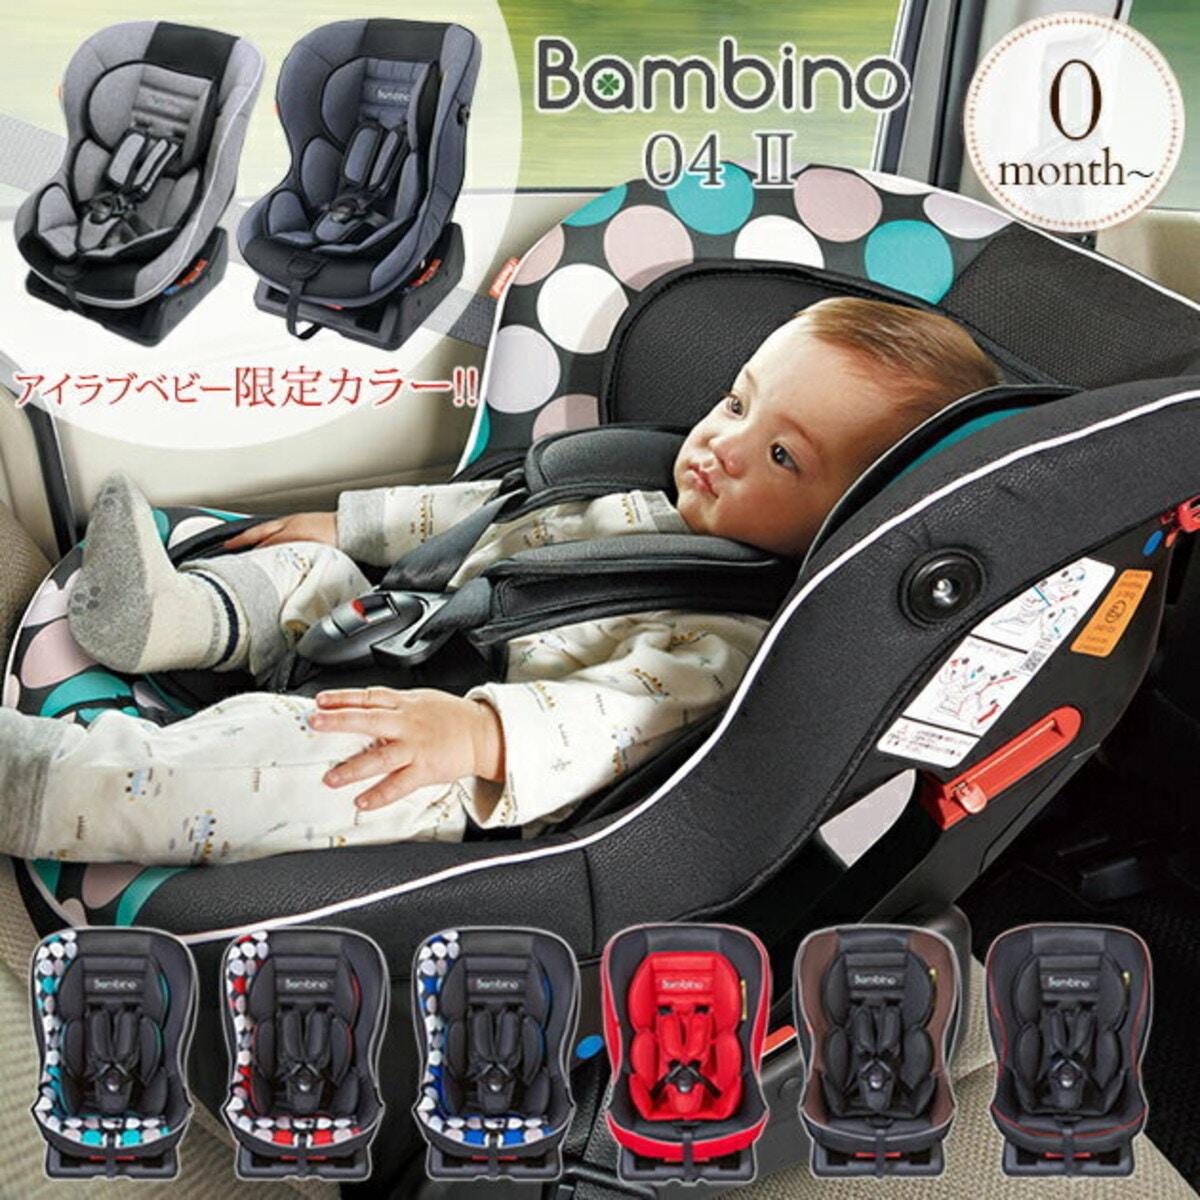 Bambino バンビーノ 新生児から使用できる軽量チャイルドシート